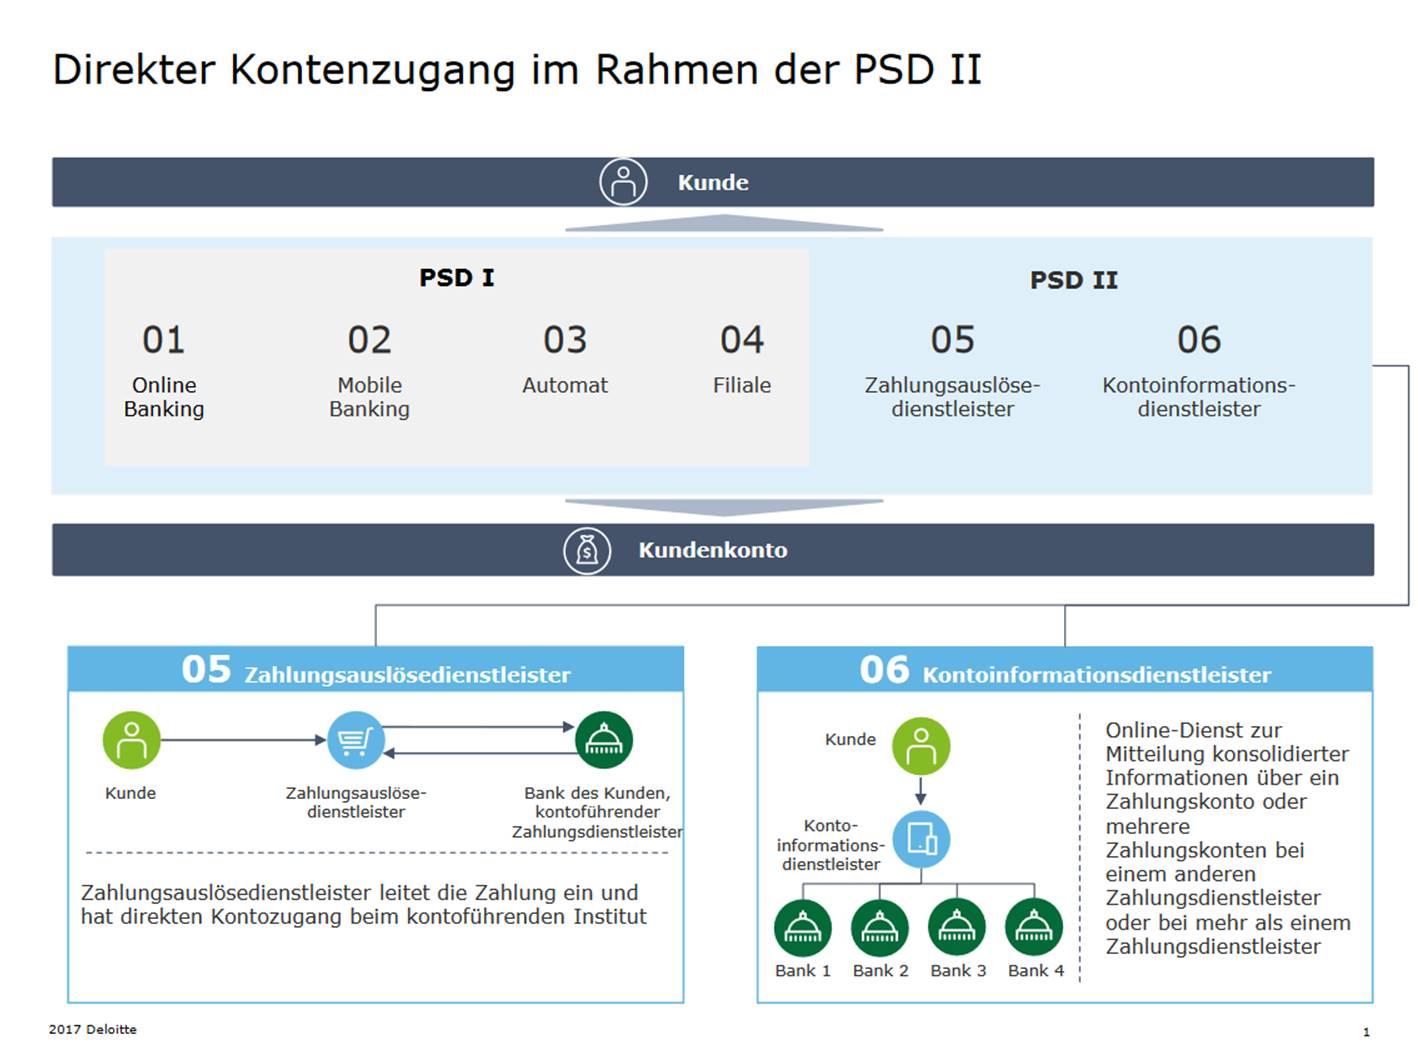 Abbildung PSDII Deloitte